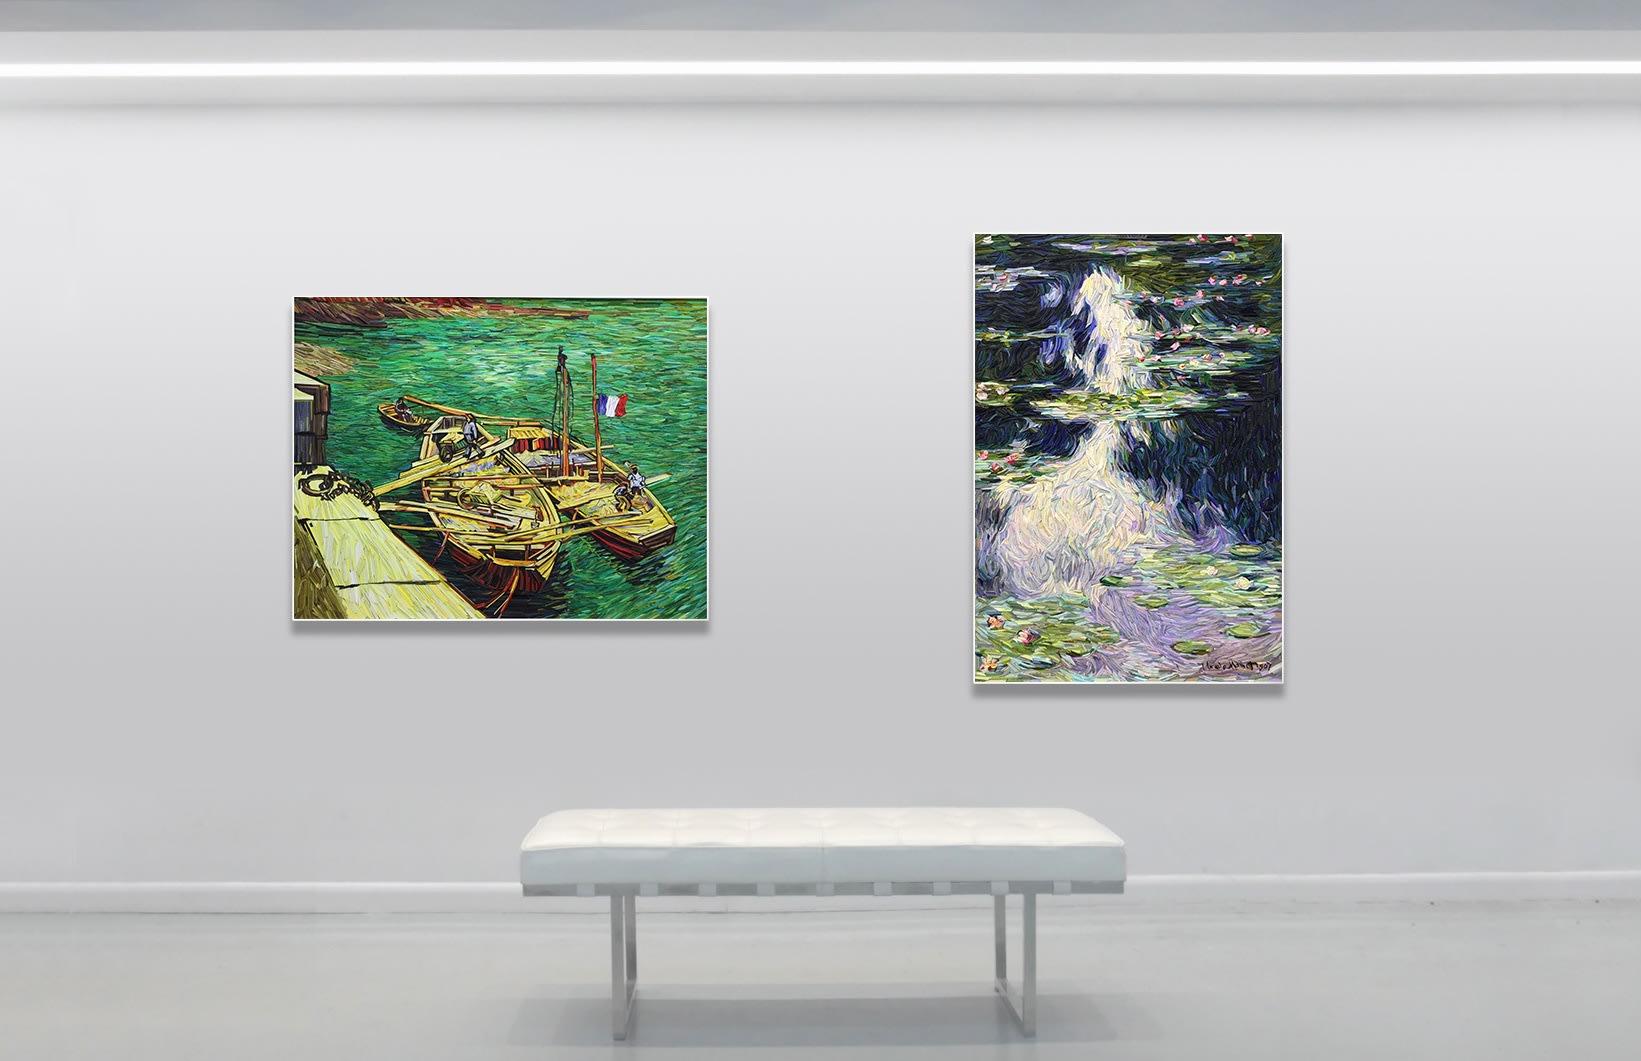 Kyu Hak Lee: Online Exhibition